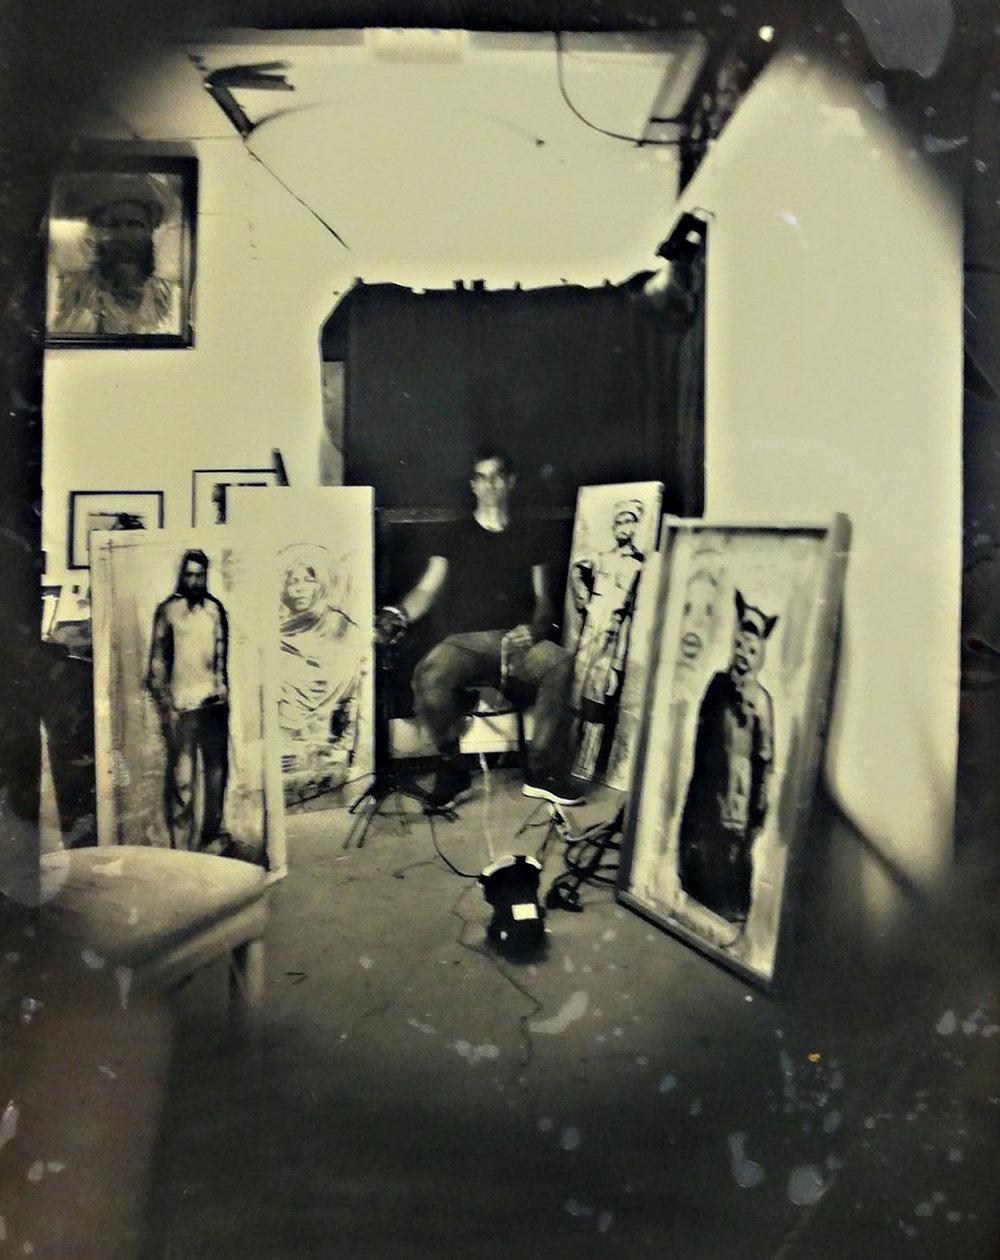 Tintype in the studio